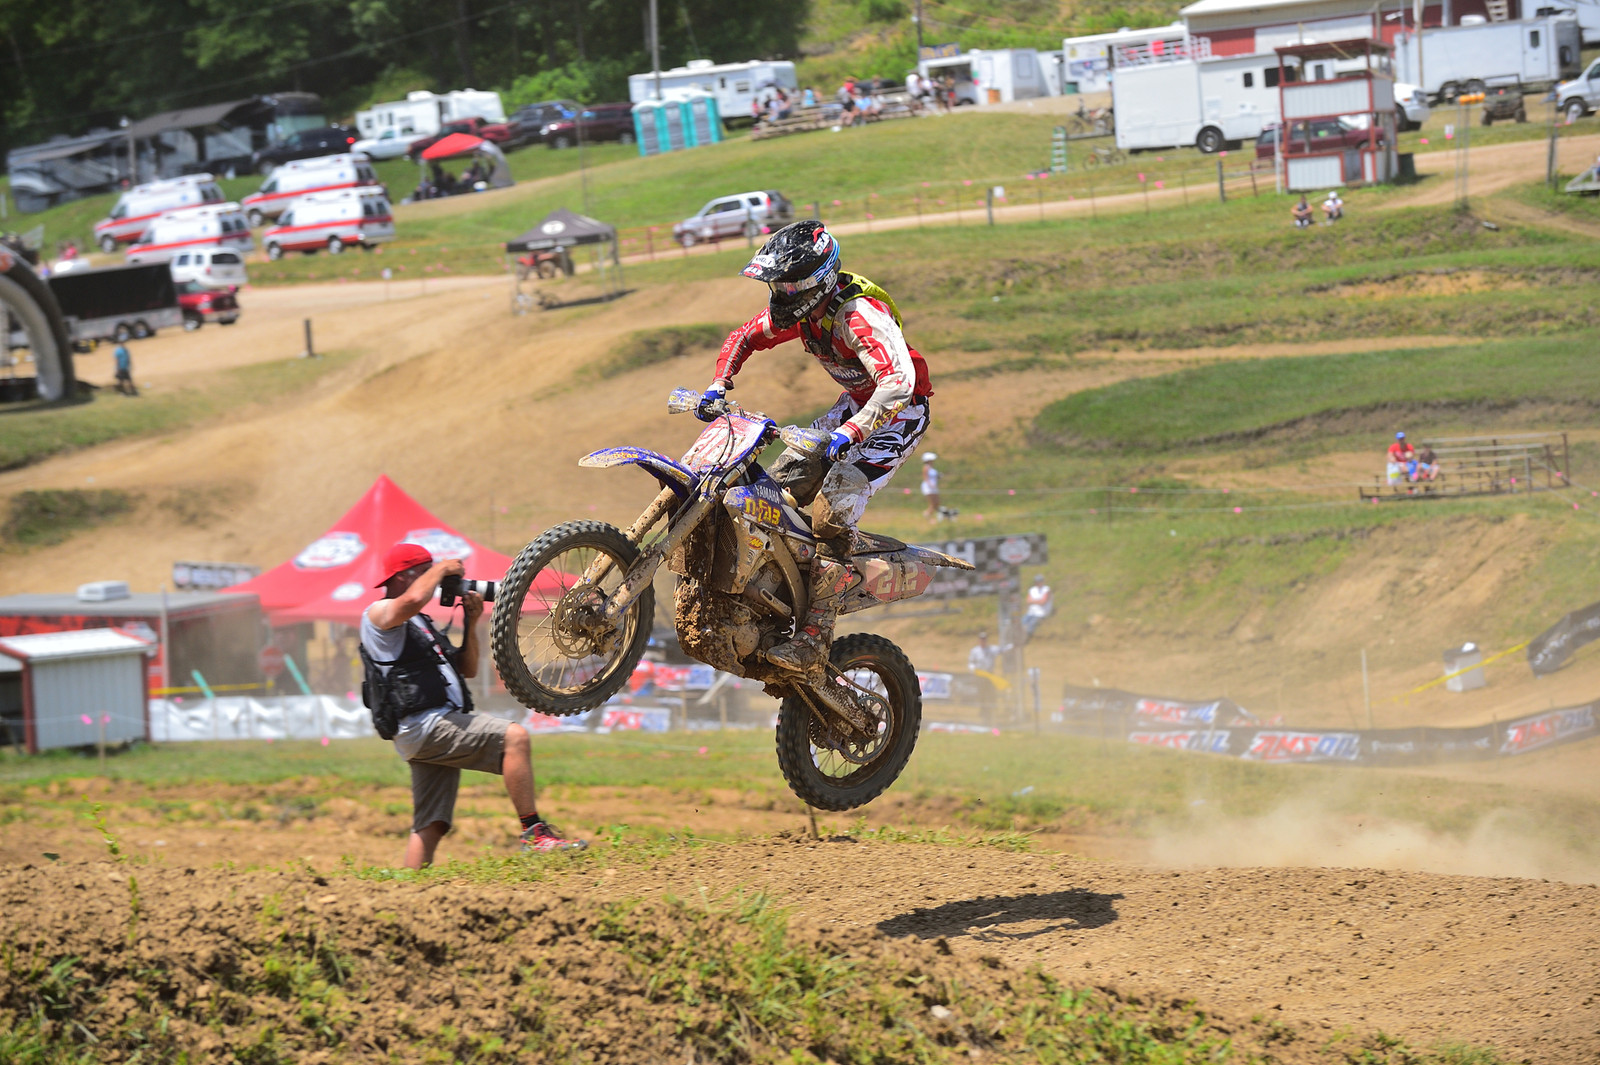 Ricky Russell - John Penton GNCC - Motocross Pictures - Vital MX